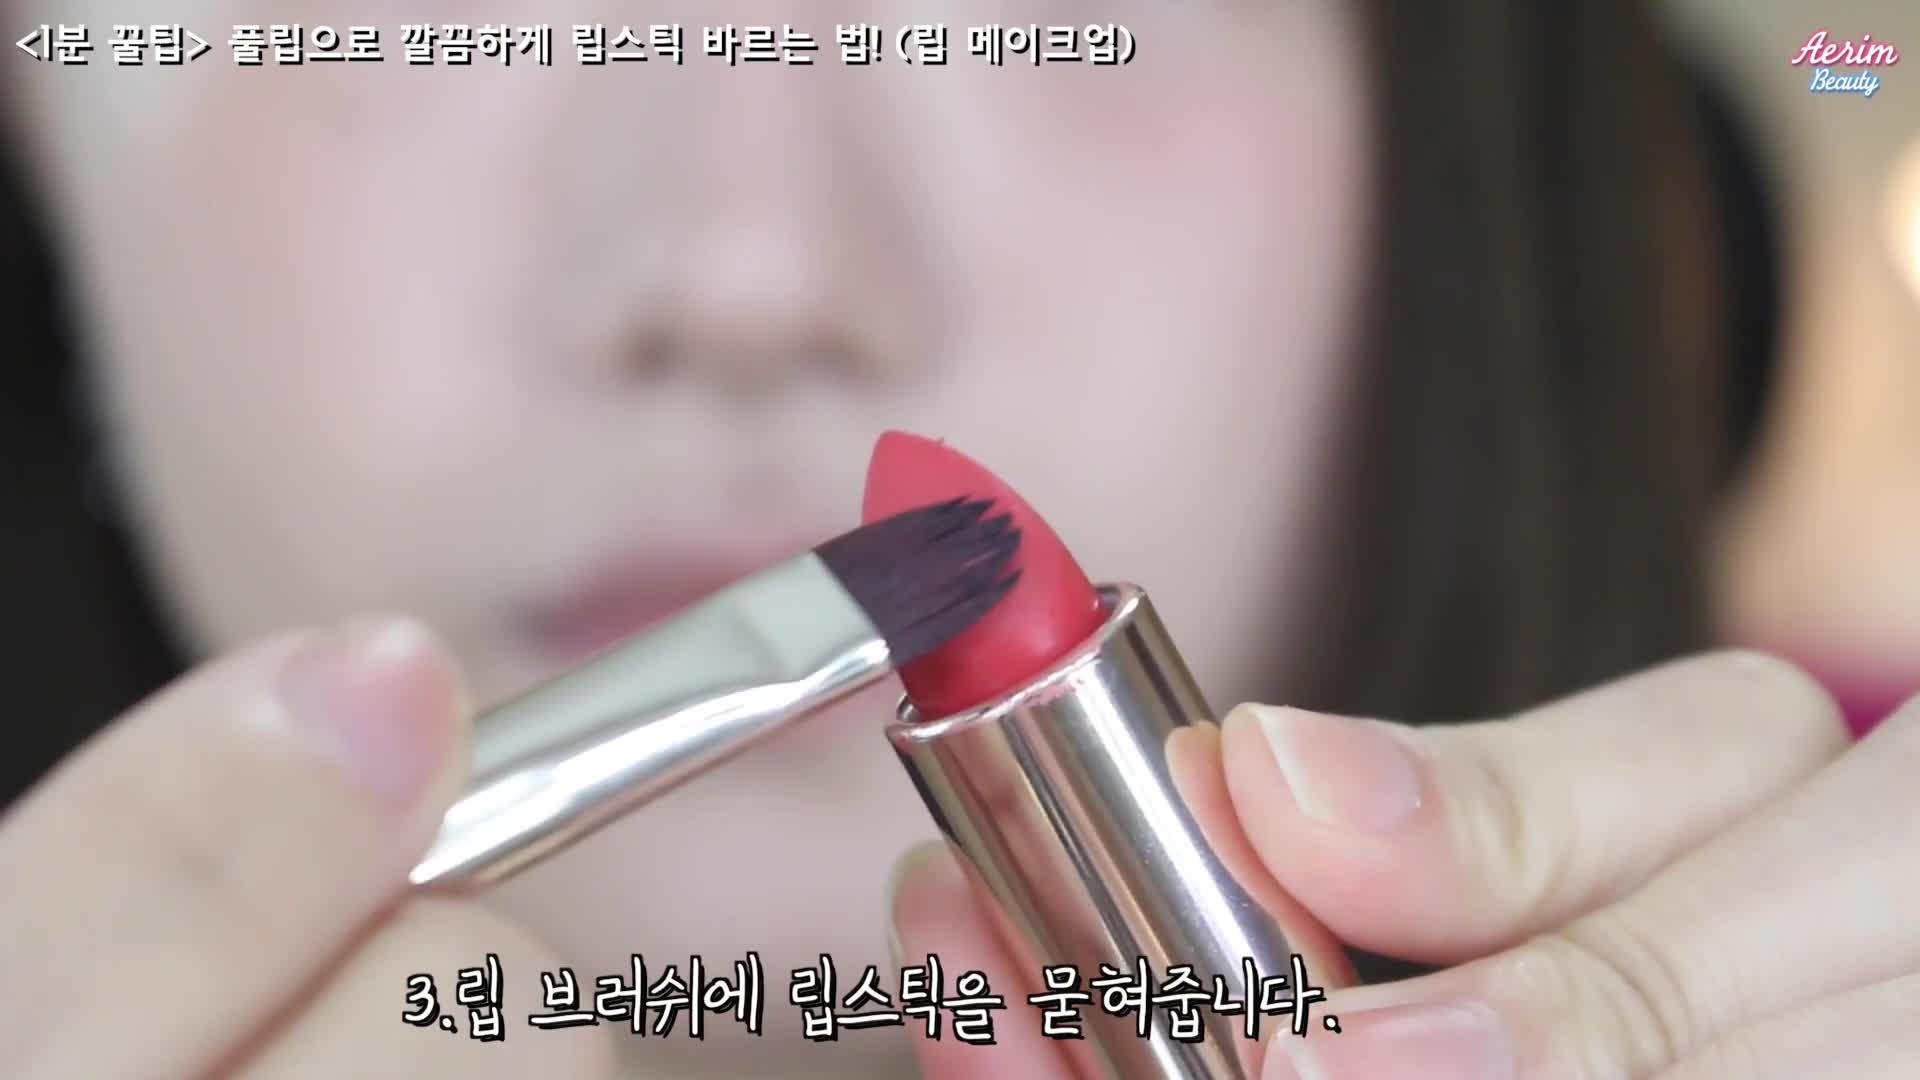 [1분 1팁] 풀 립으로 깔끔하게 립스틱 바르는 법! (립 메이크업)